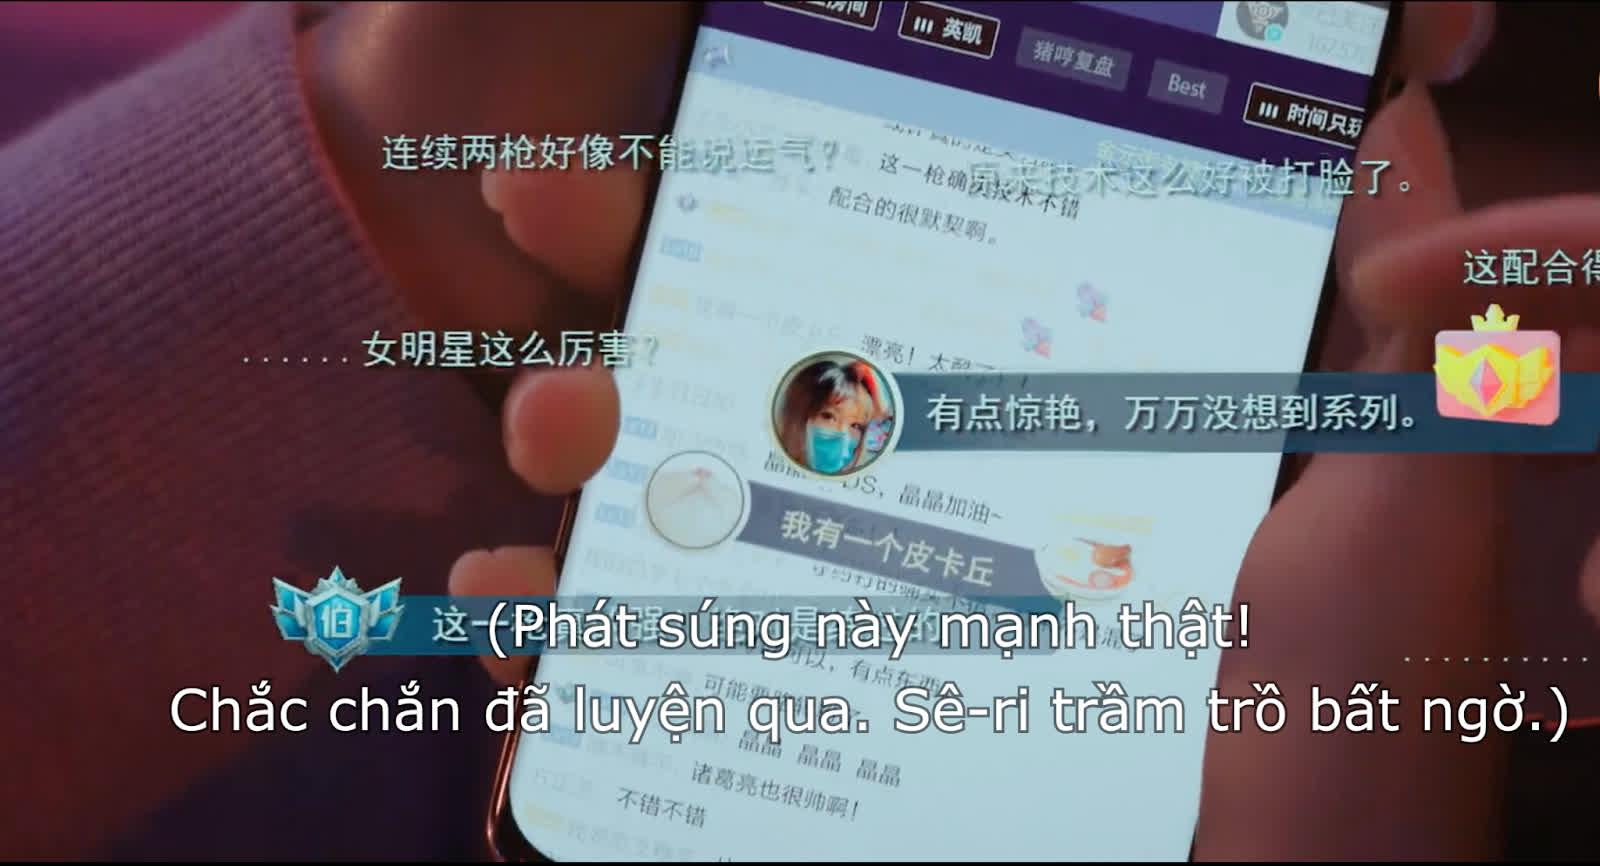 Nhiệt Ba - Dương Dương thi đấu game vẫn show ân ái, không để ý bồ cũ xuất hiện ghê rợn ở Em Là Niềm Kiêu Hãnh Của Anh - Ảnh 8.